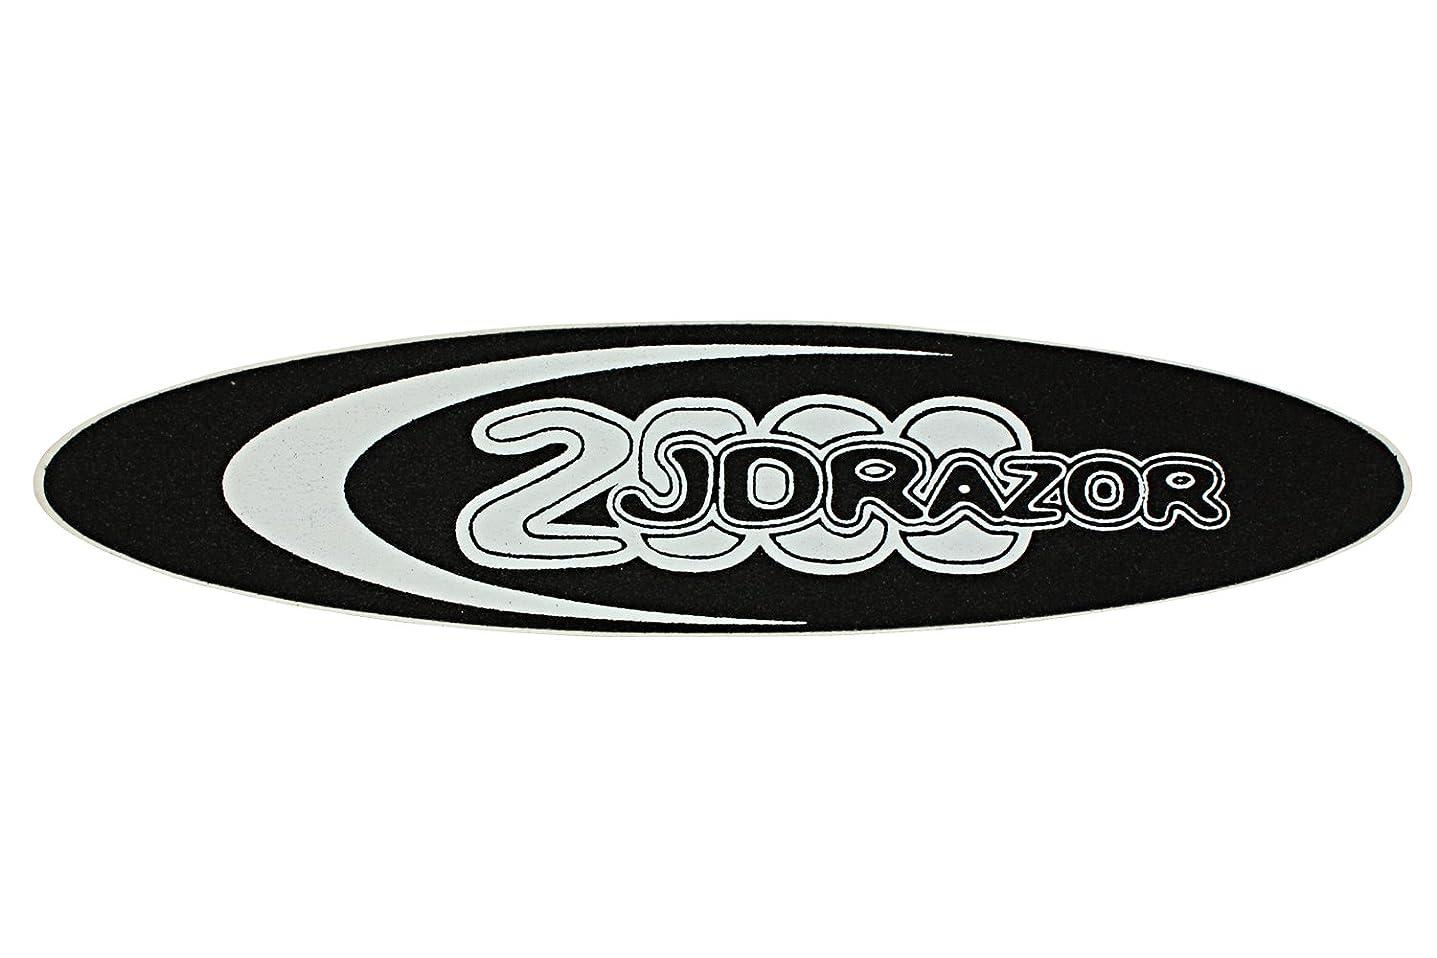 占める精神医学状態JD RAZOR 2000 デッキテープ WHITE